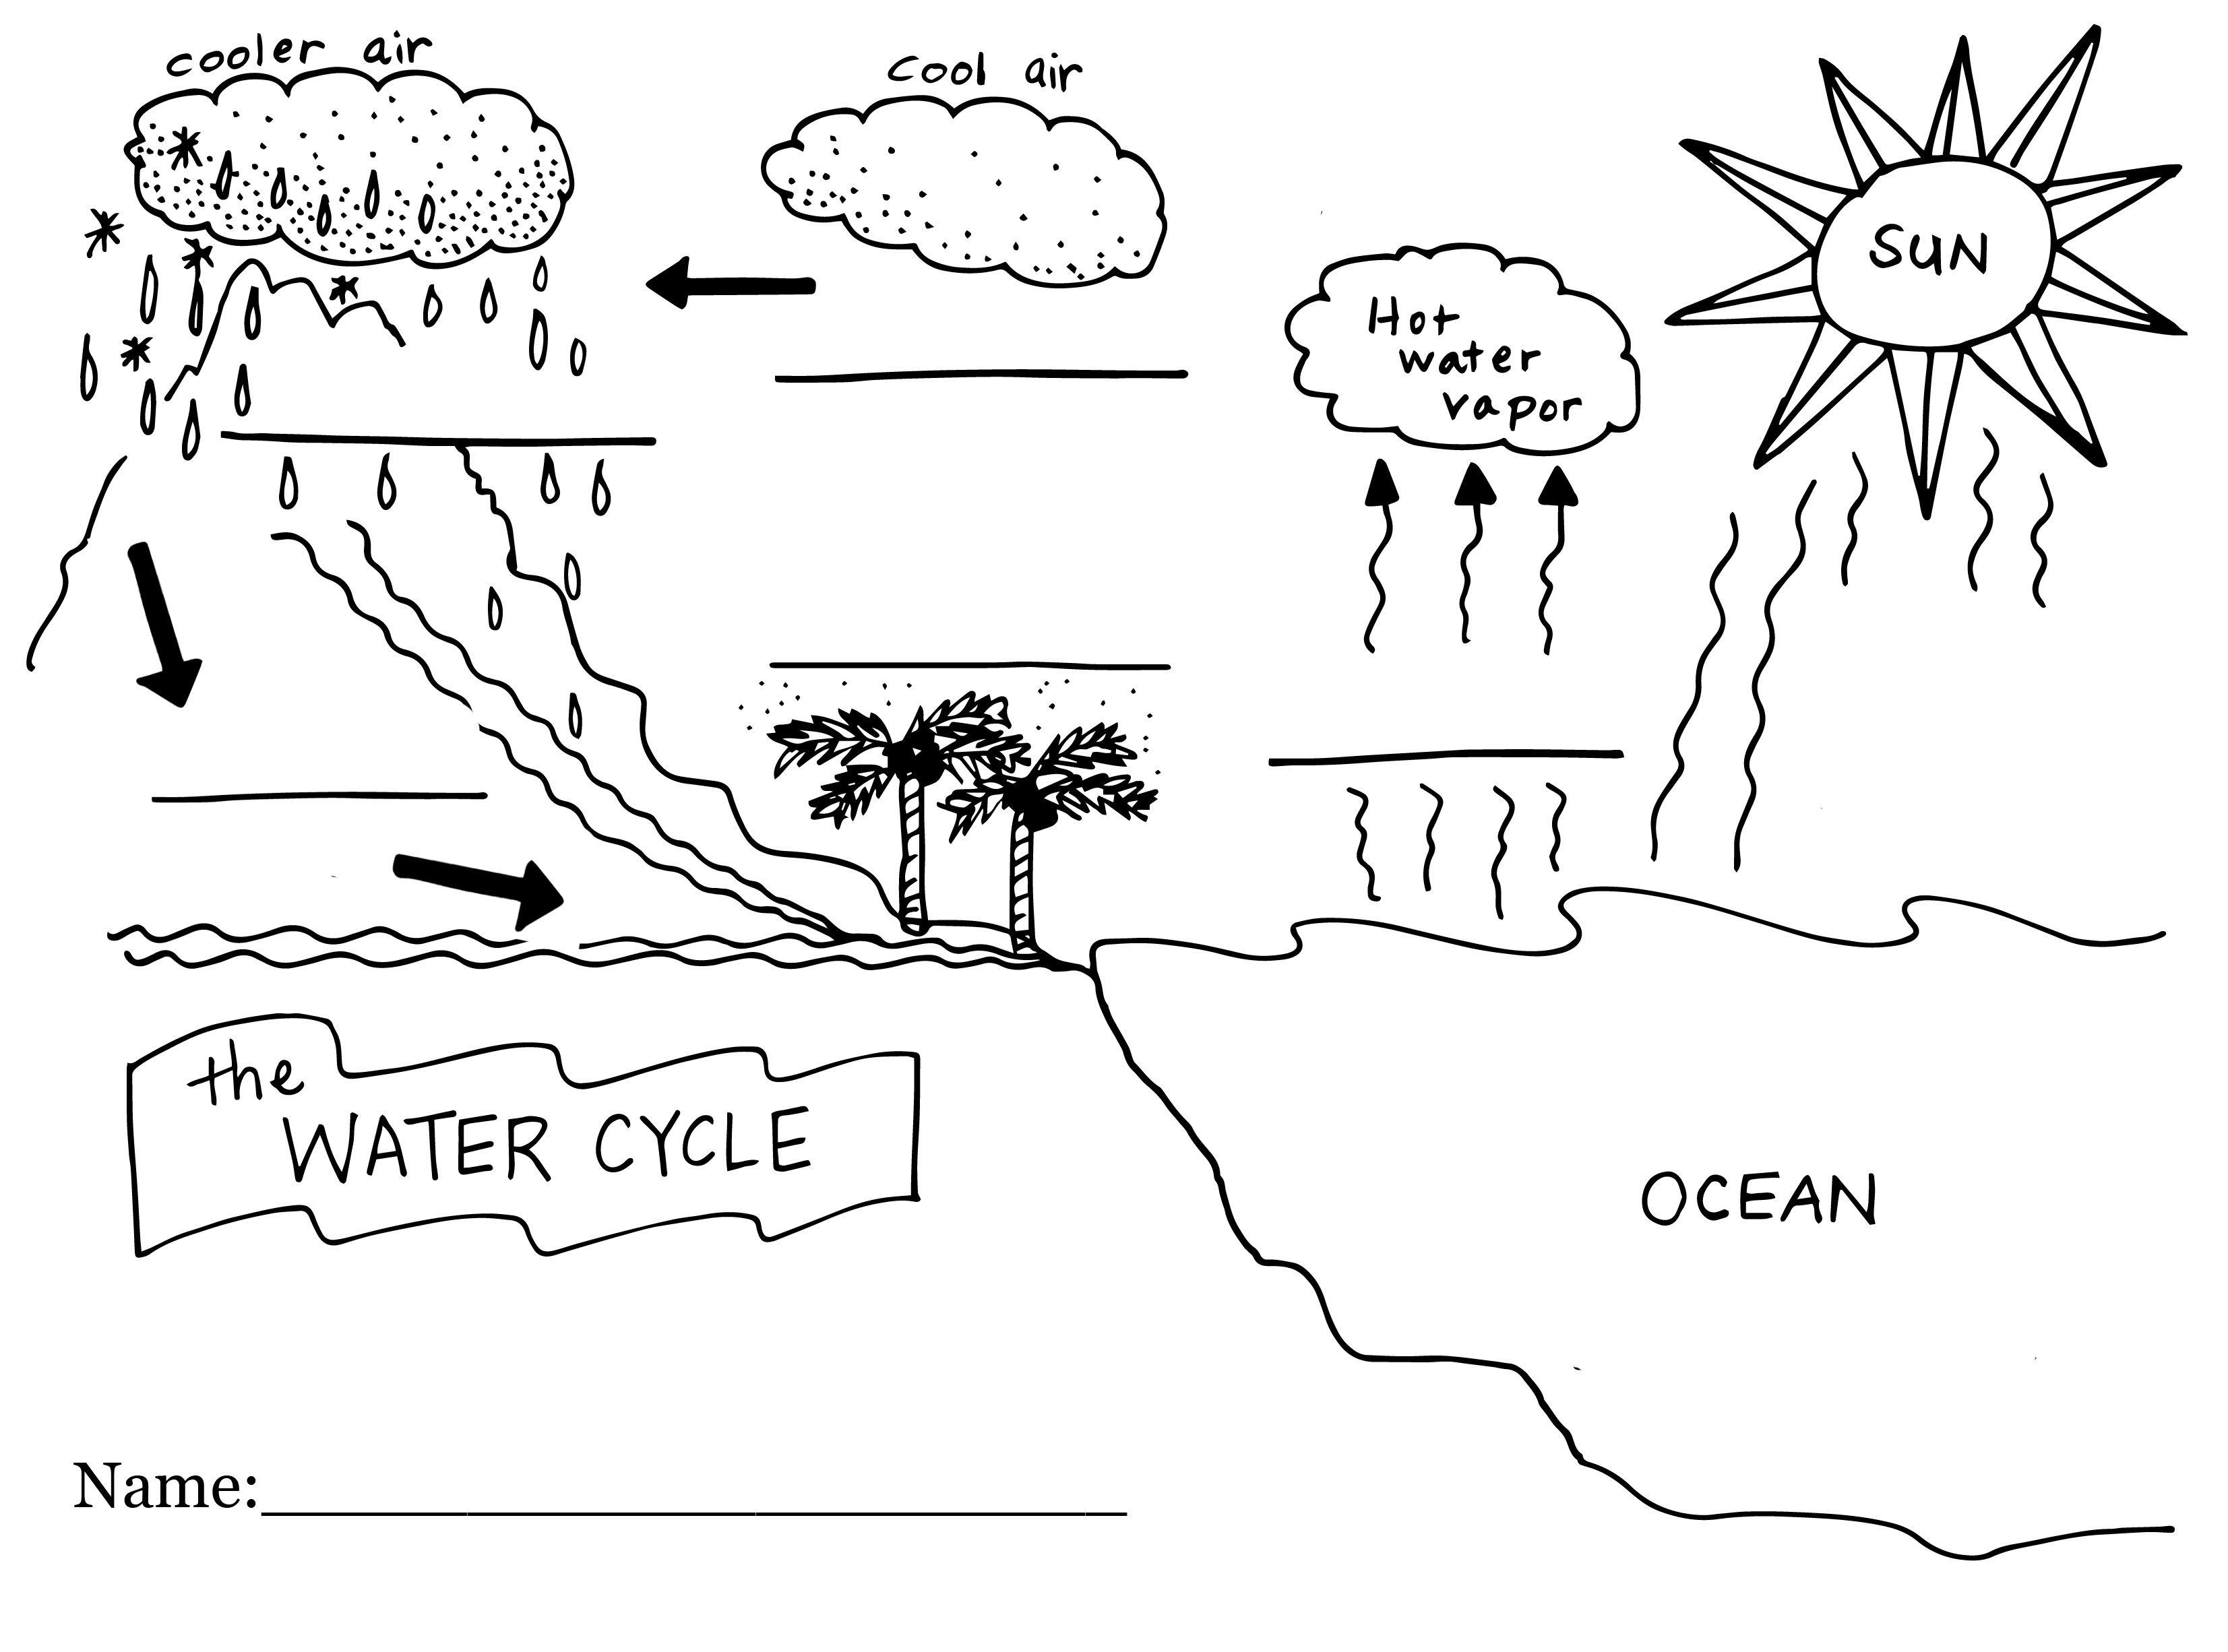 Water Cycle Coloring Page Simple Water Cycle Diagram 2018 World Of Diagrams Entitlementtrap Com Estudo Do Meio Geografia Educacao Ambiental